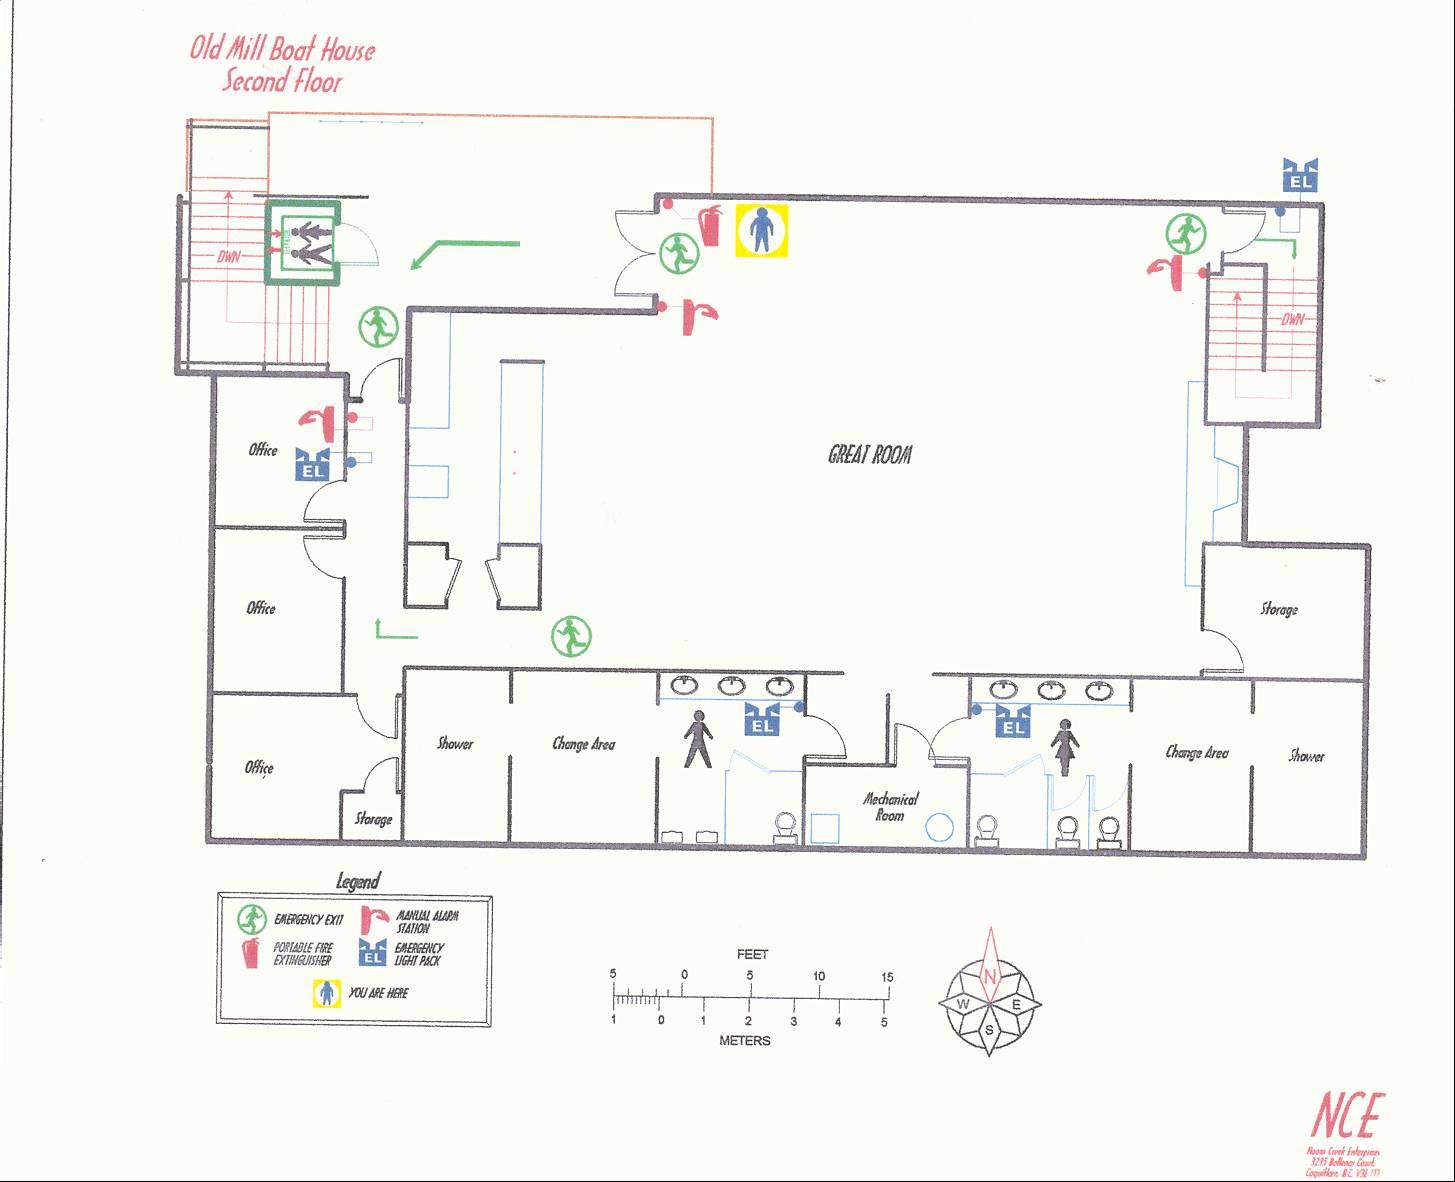 Chinese Restaurant Kitchen Layout Design For